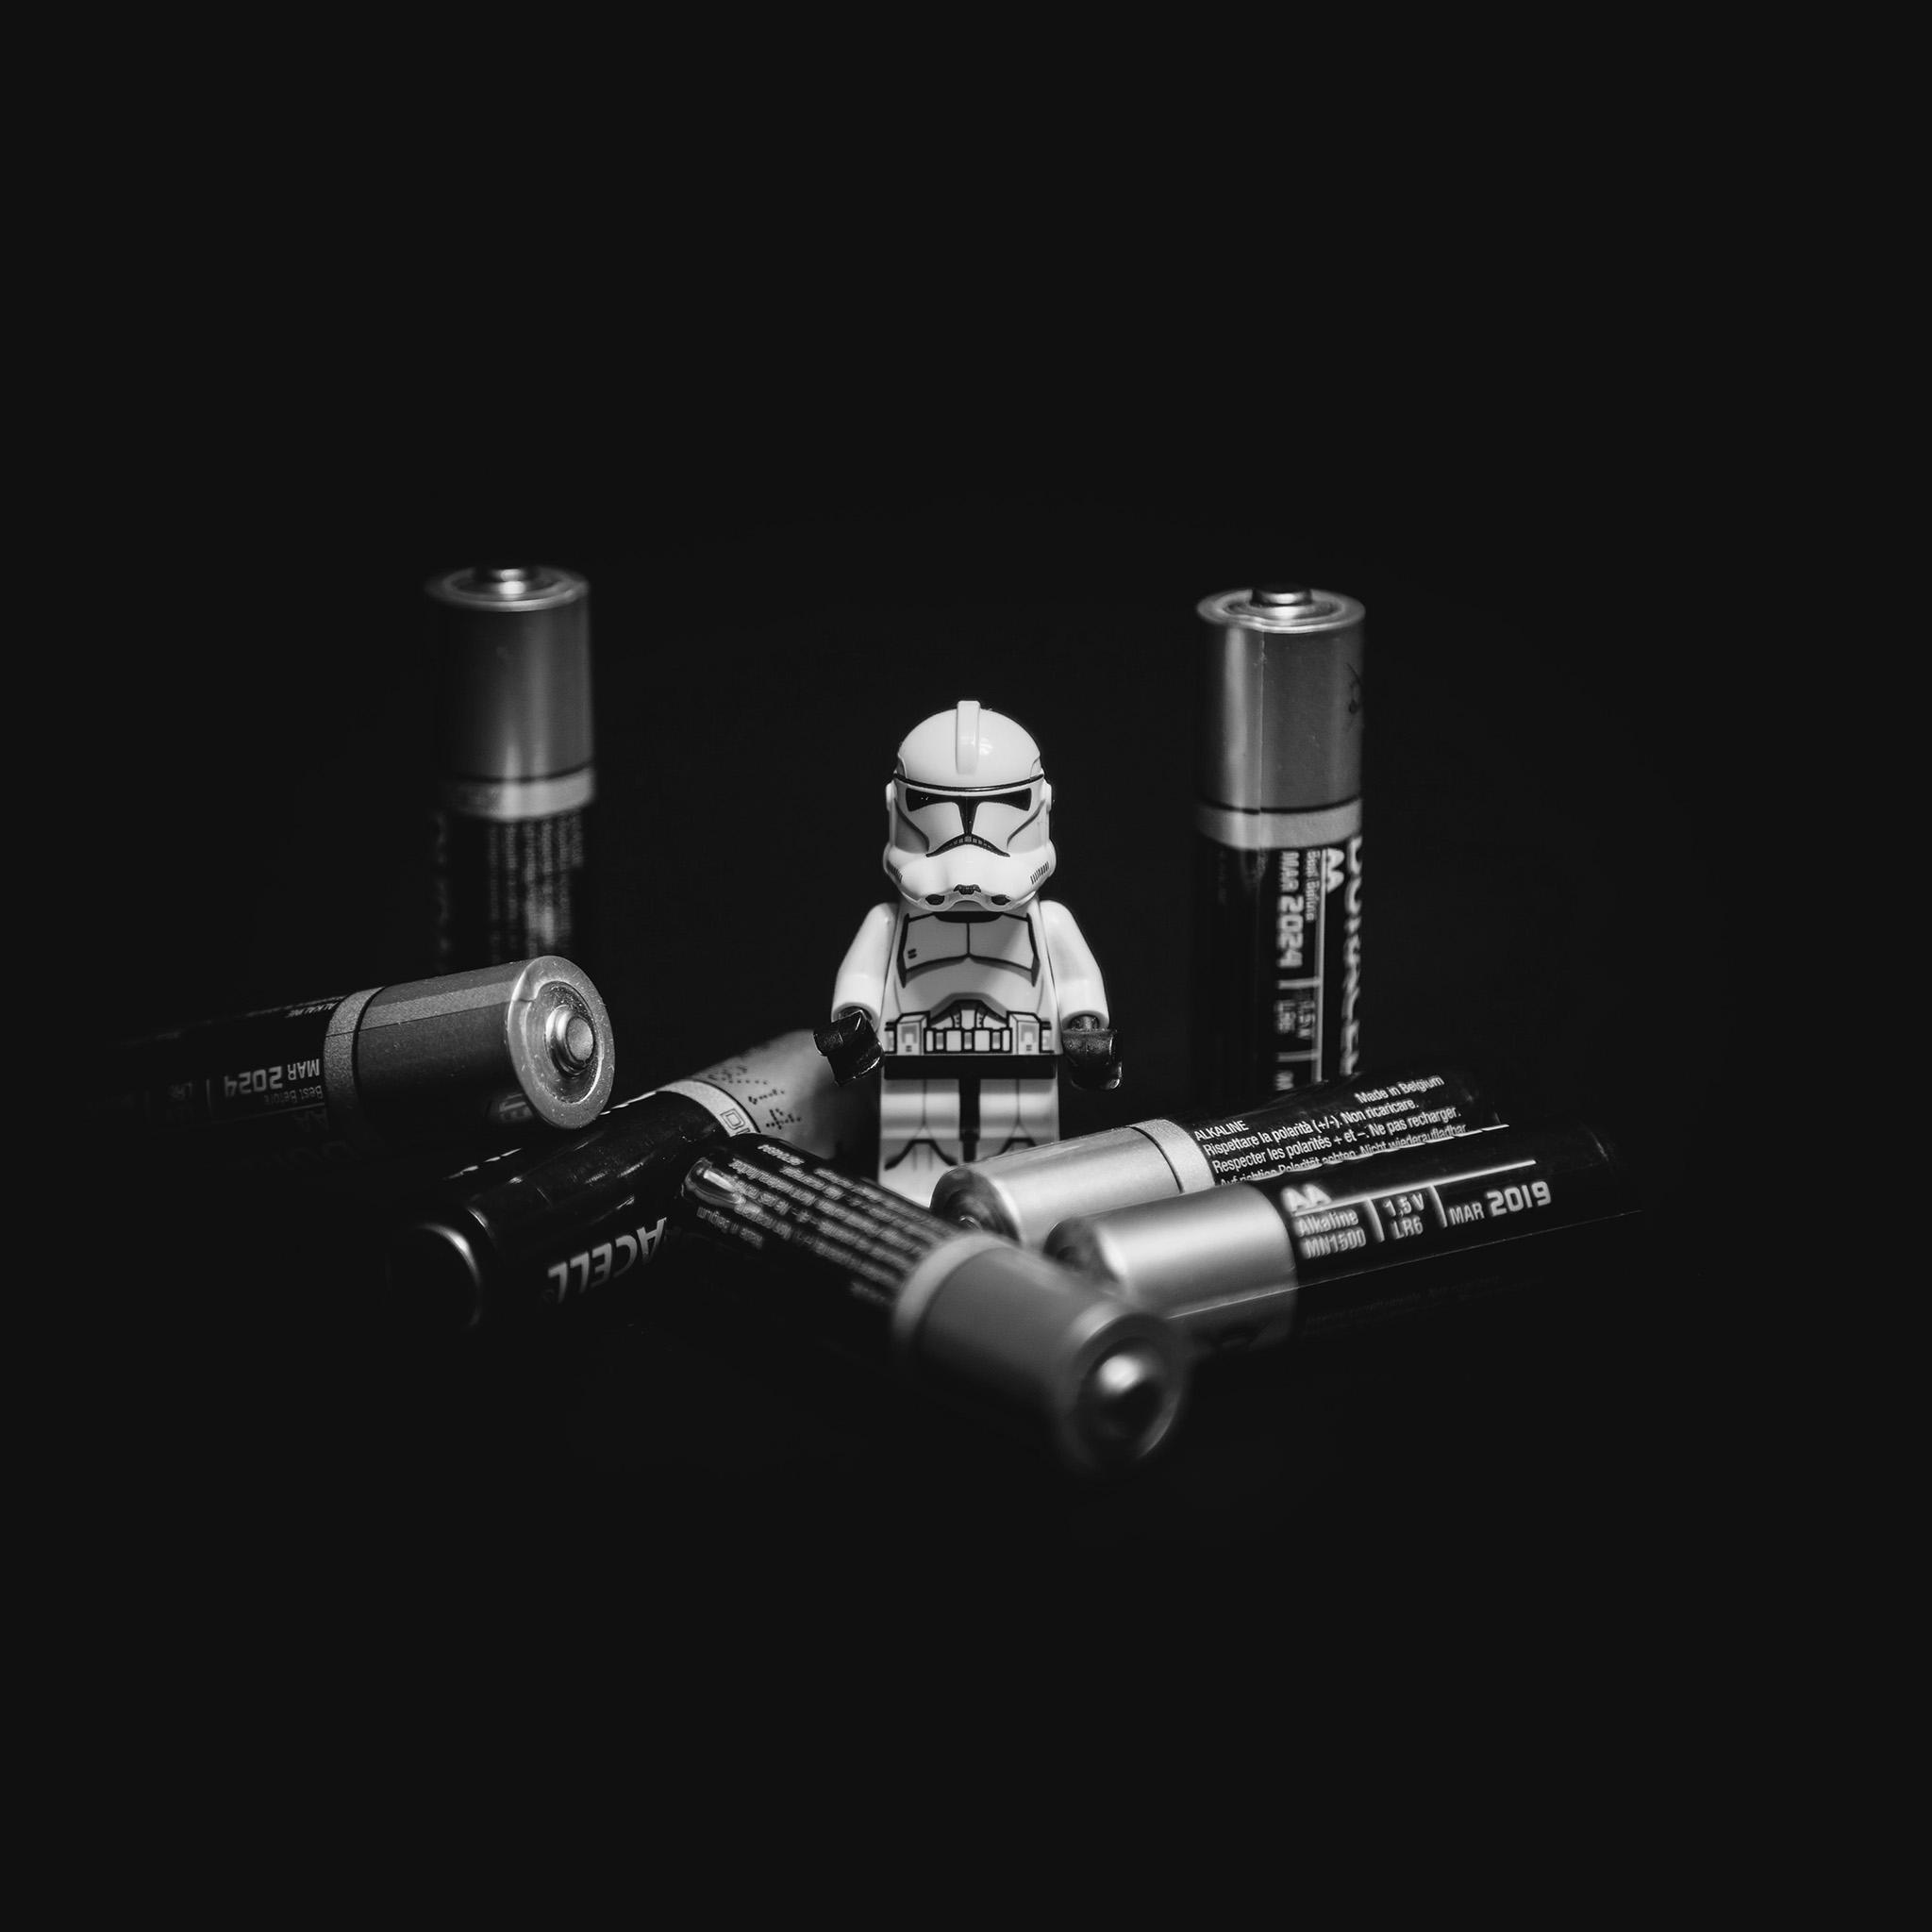 Ao93-starwars-toy